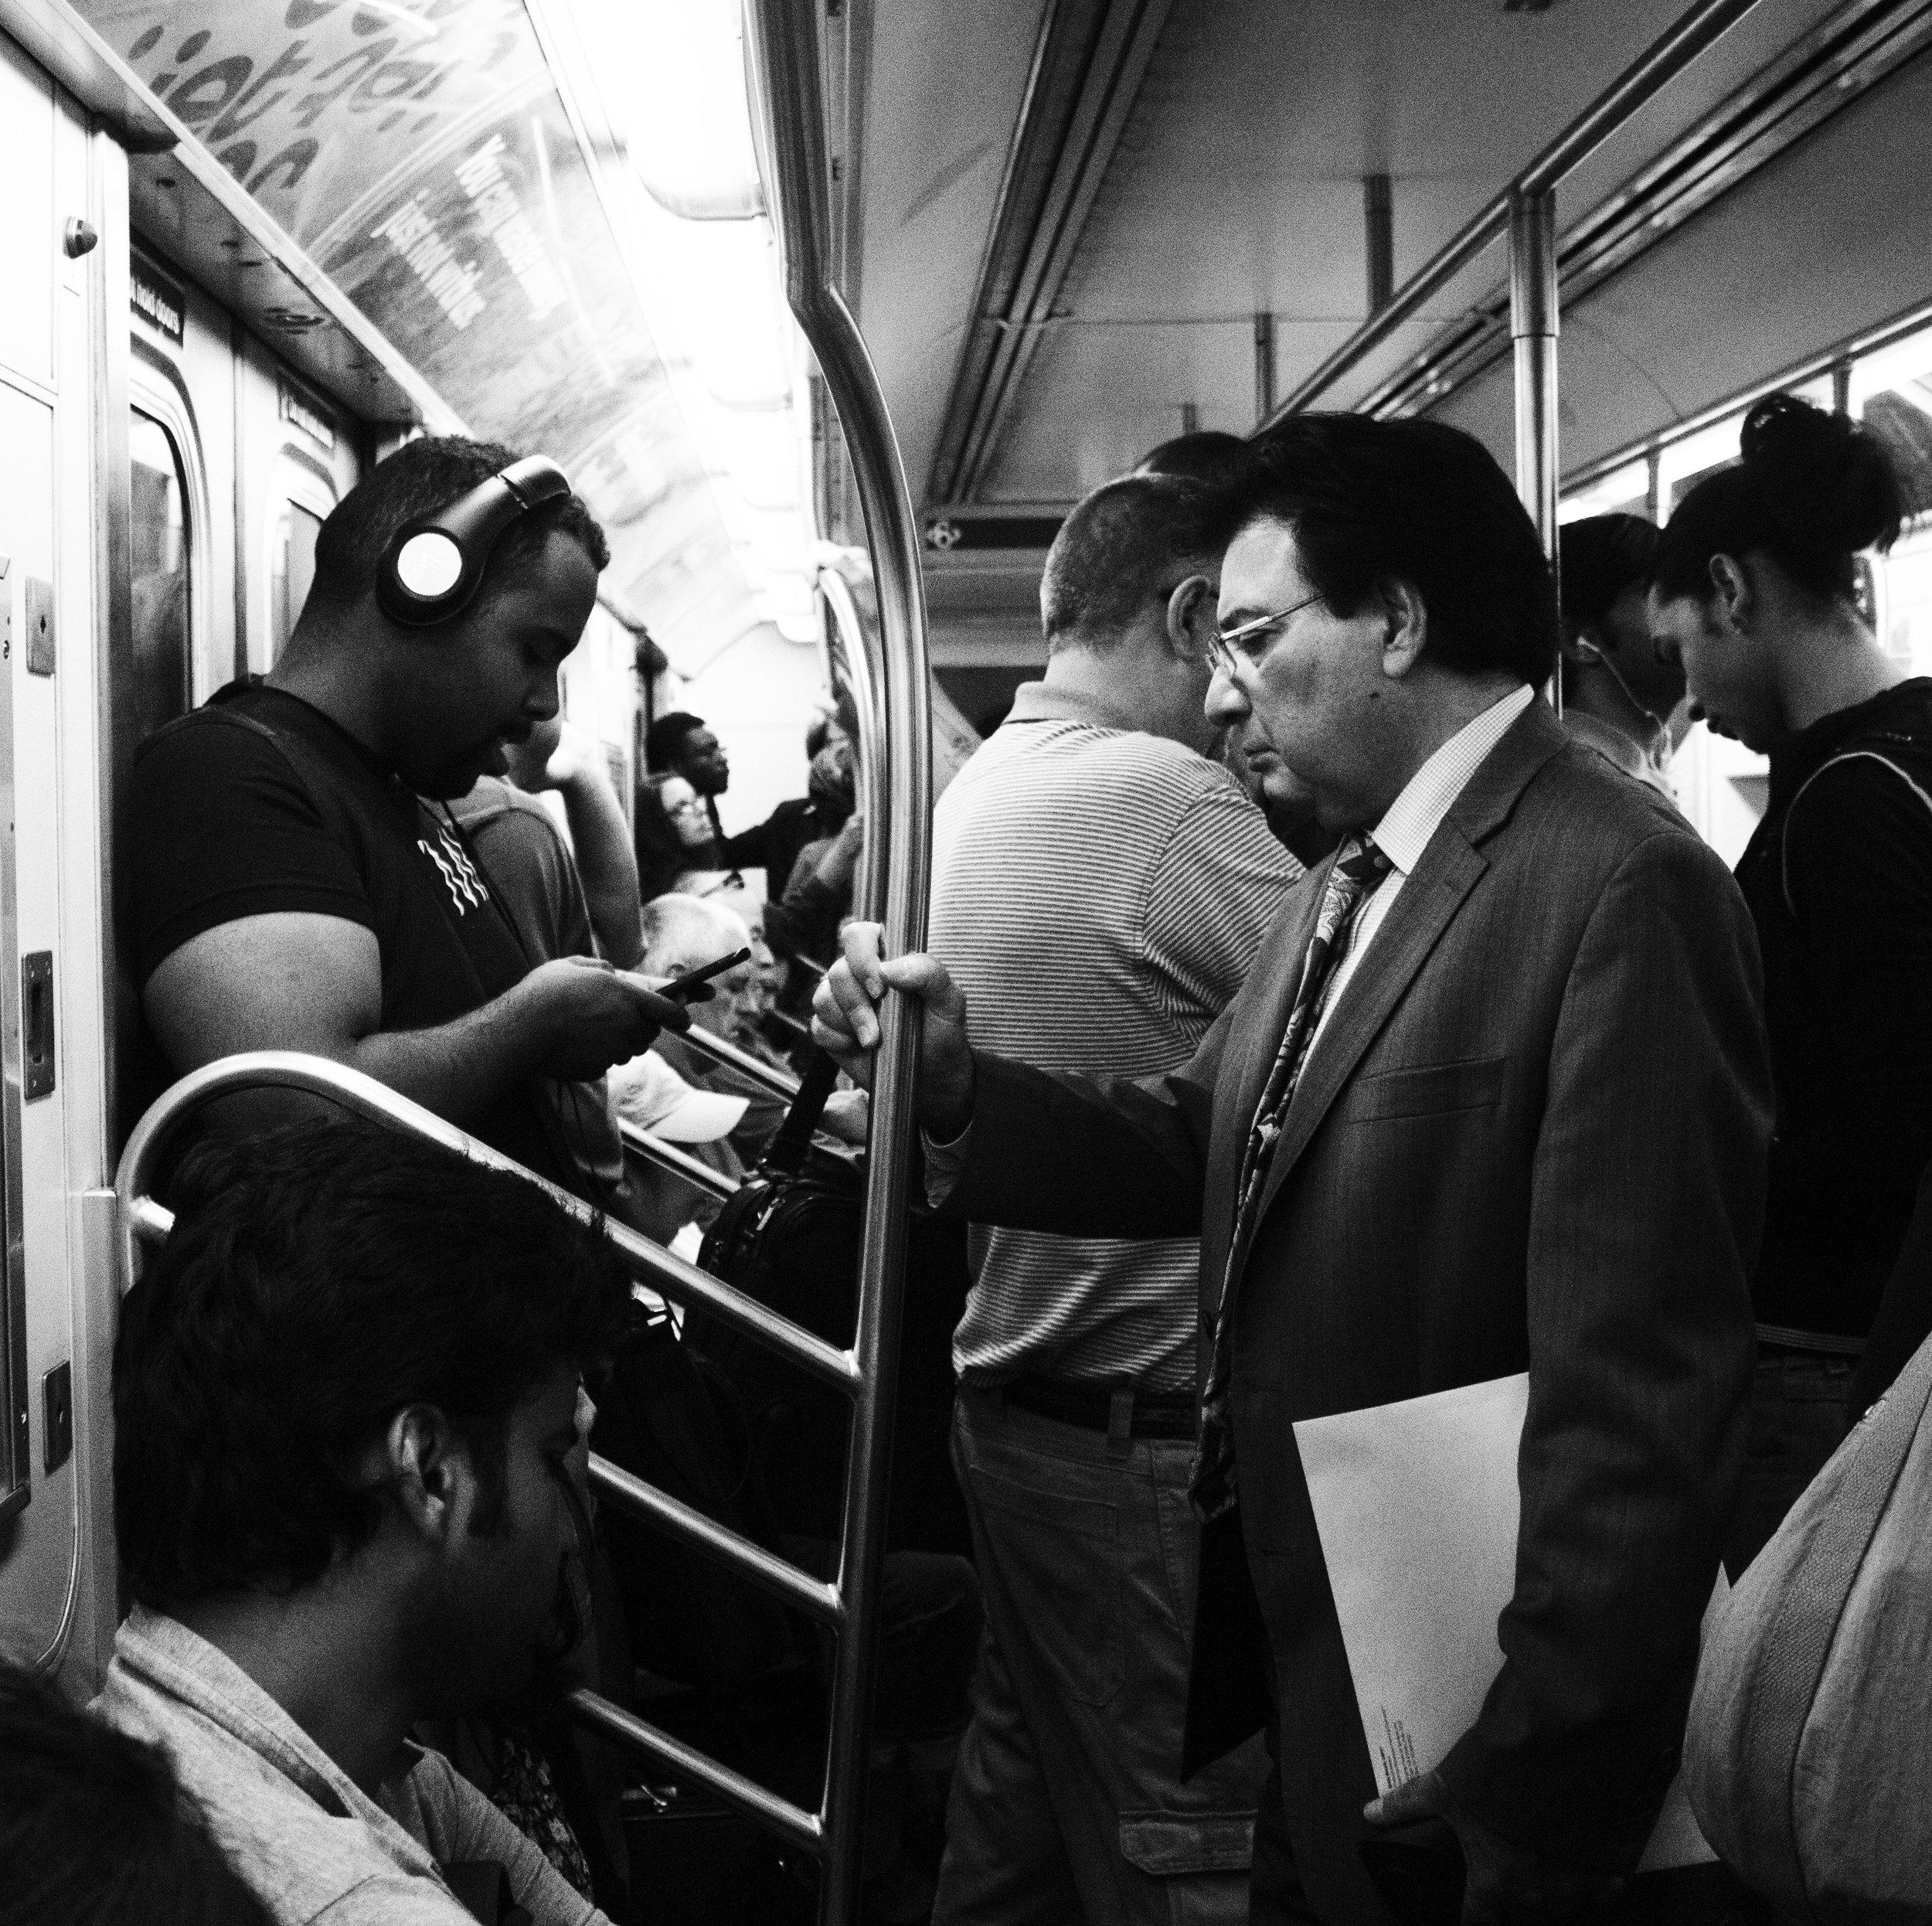 Subway_Faces1.jpg